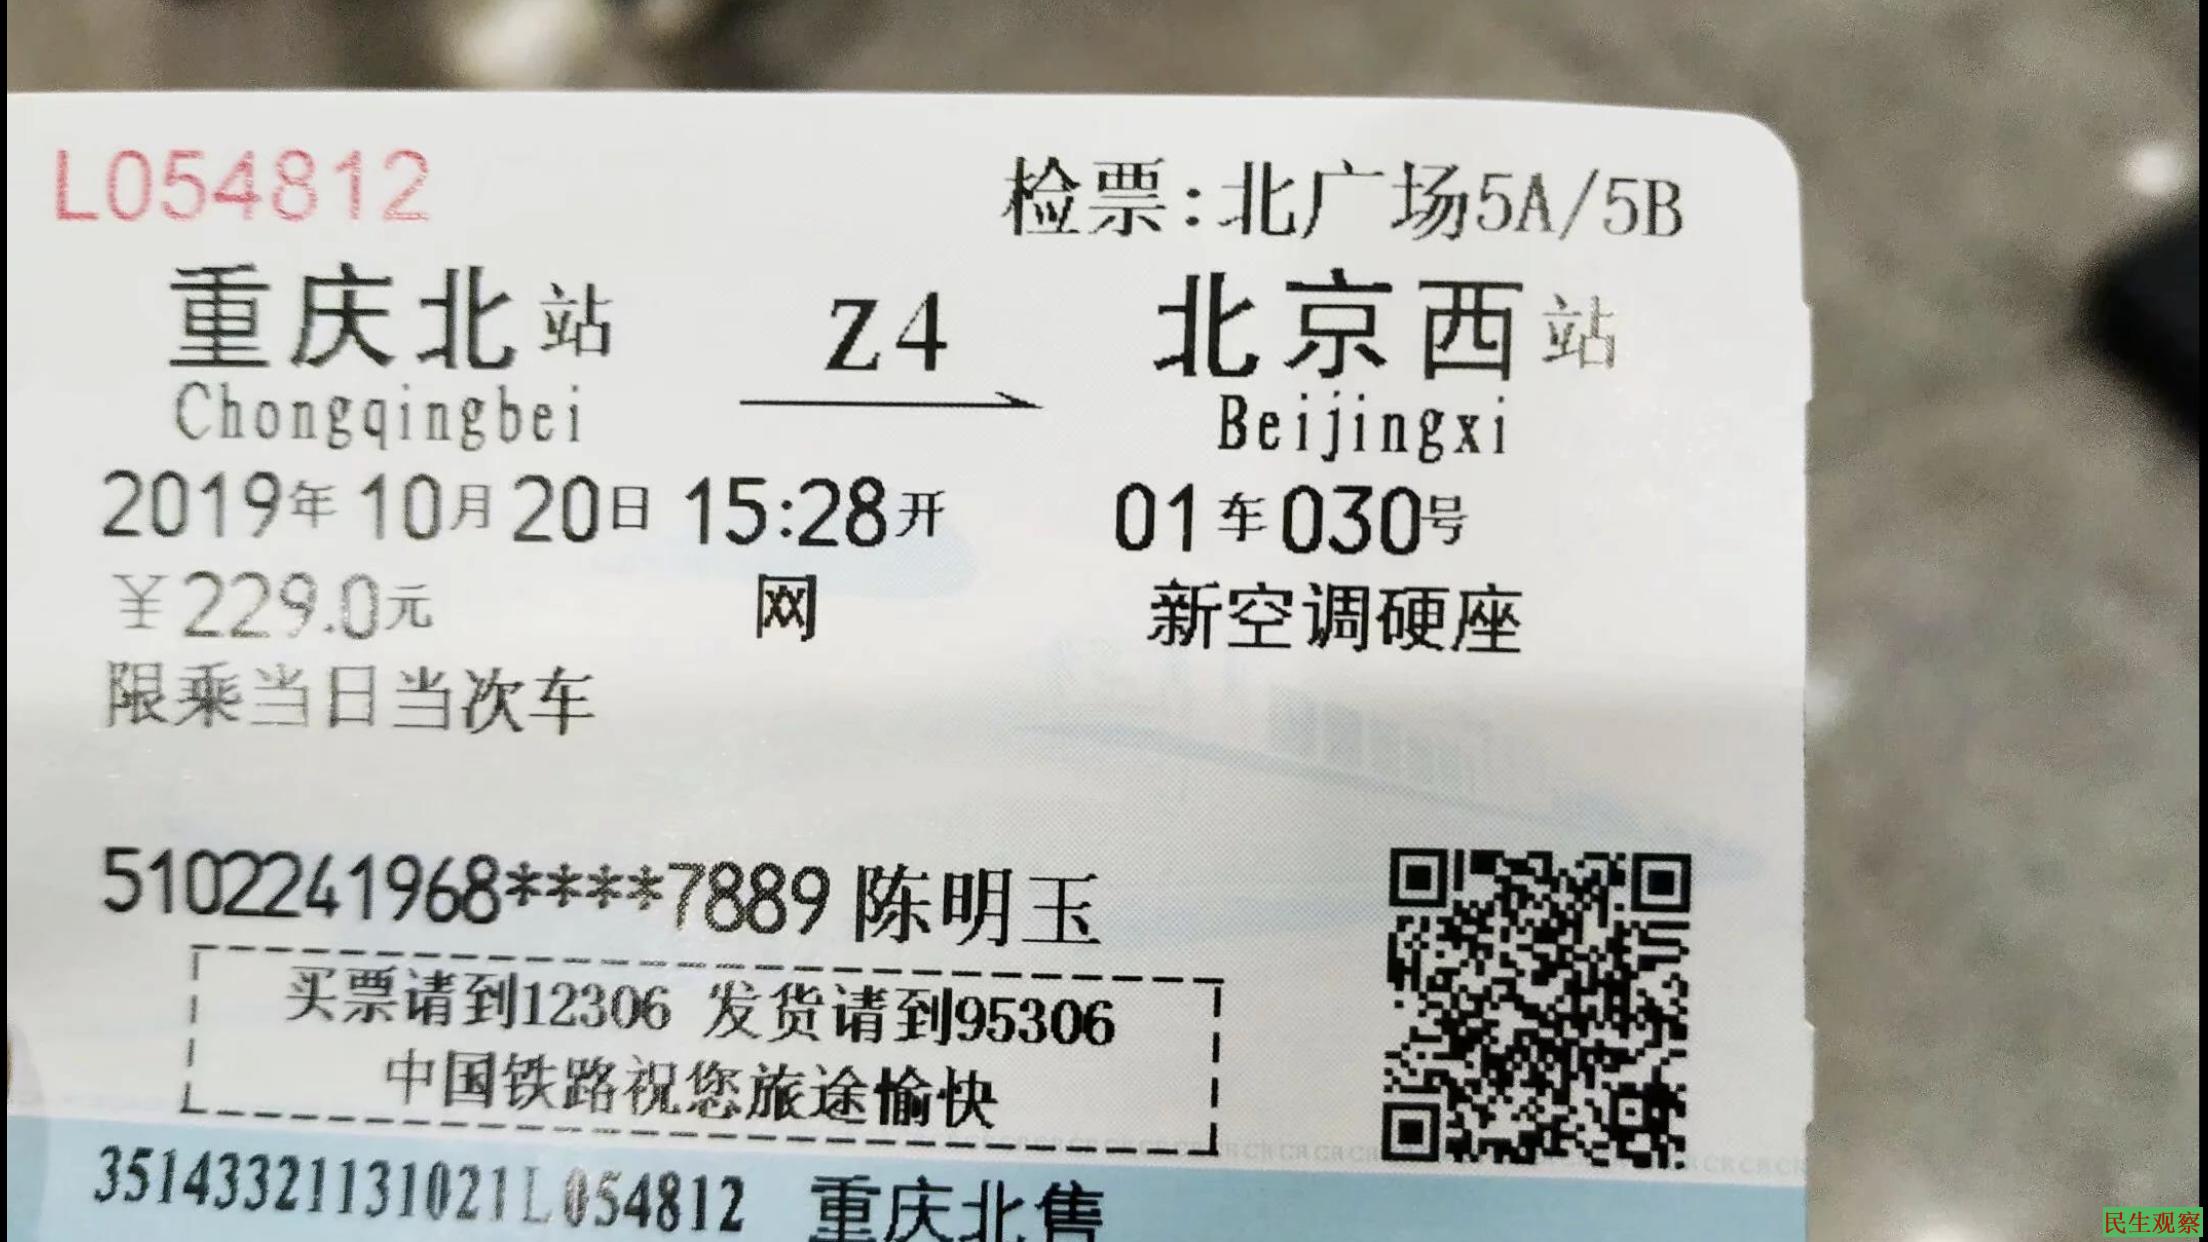 重庆陈明玉前往北京遭拦截